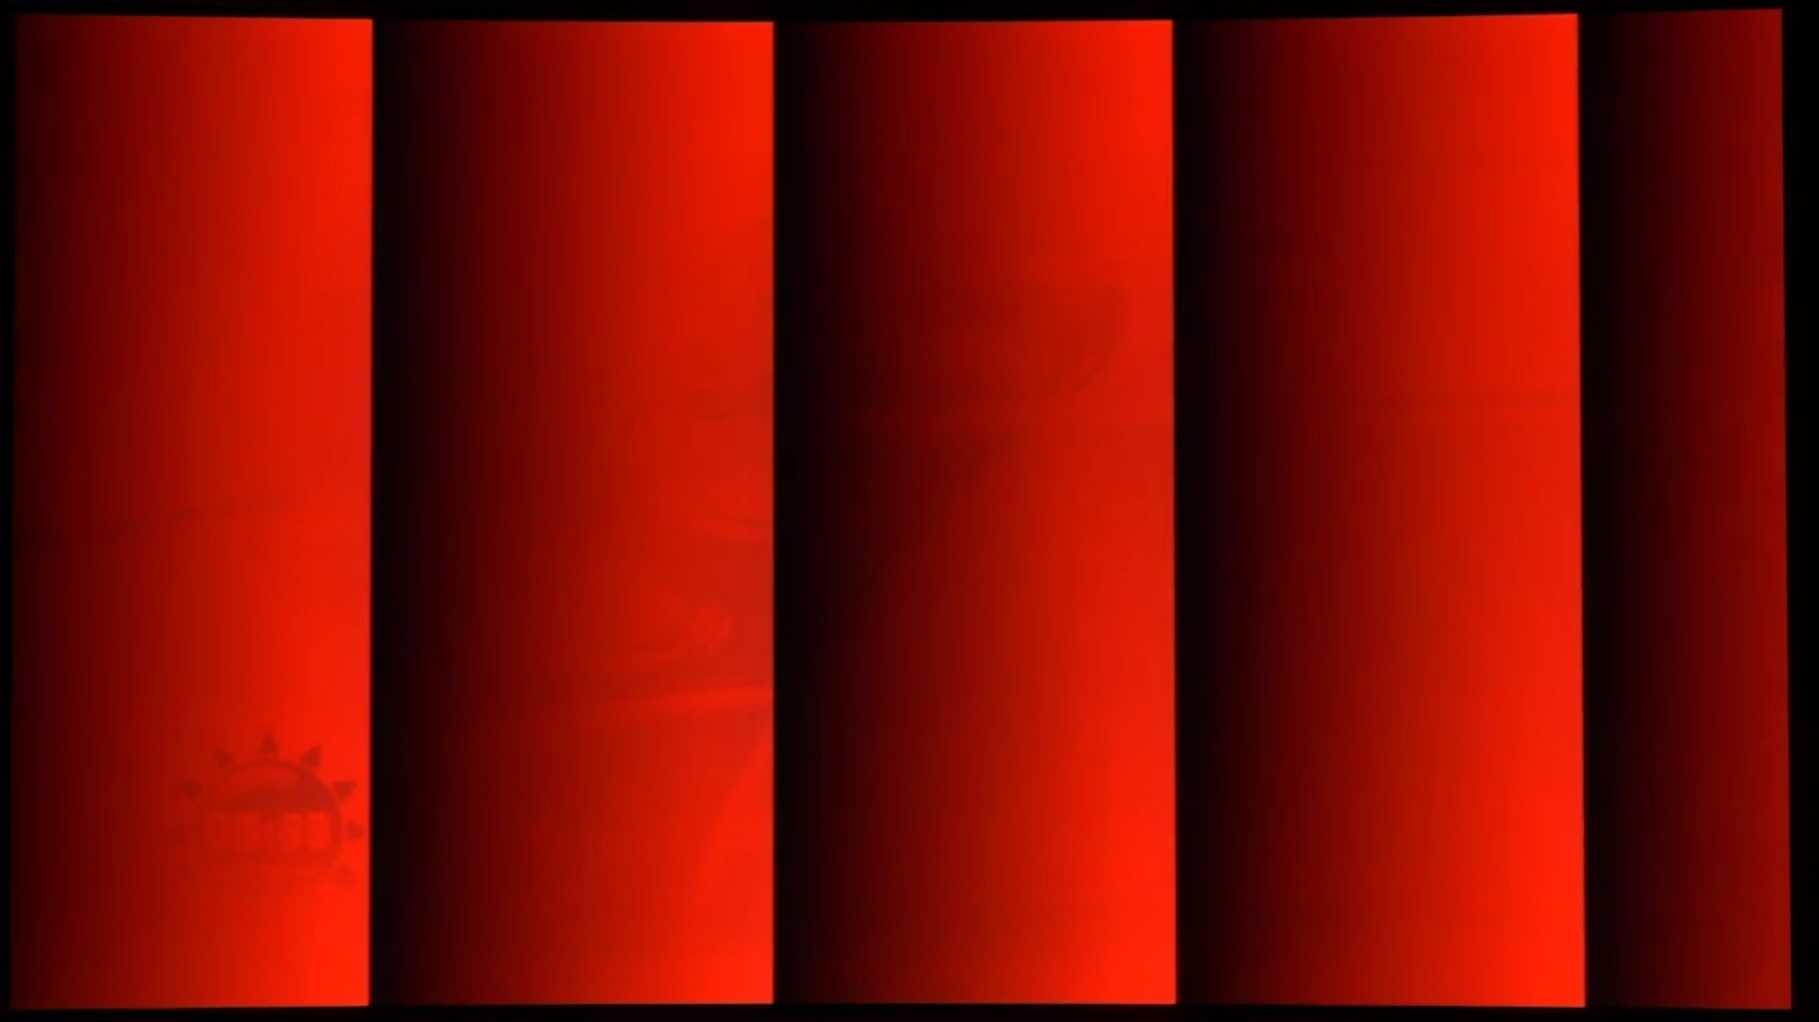 Einbrenneffekte am OLED: Garantiefall oder doch keine Störung?